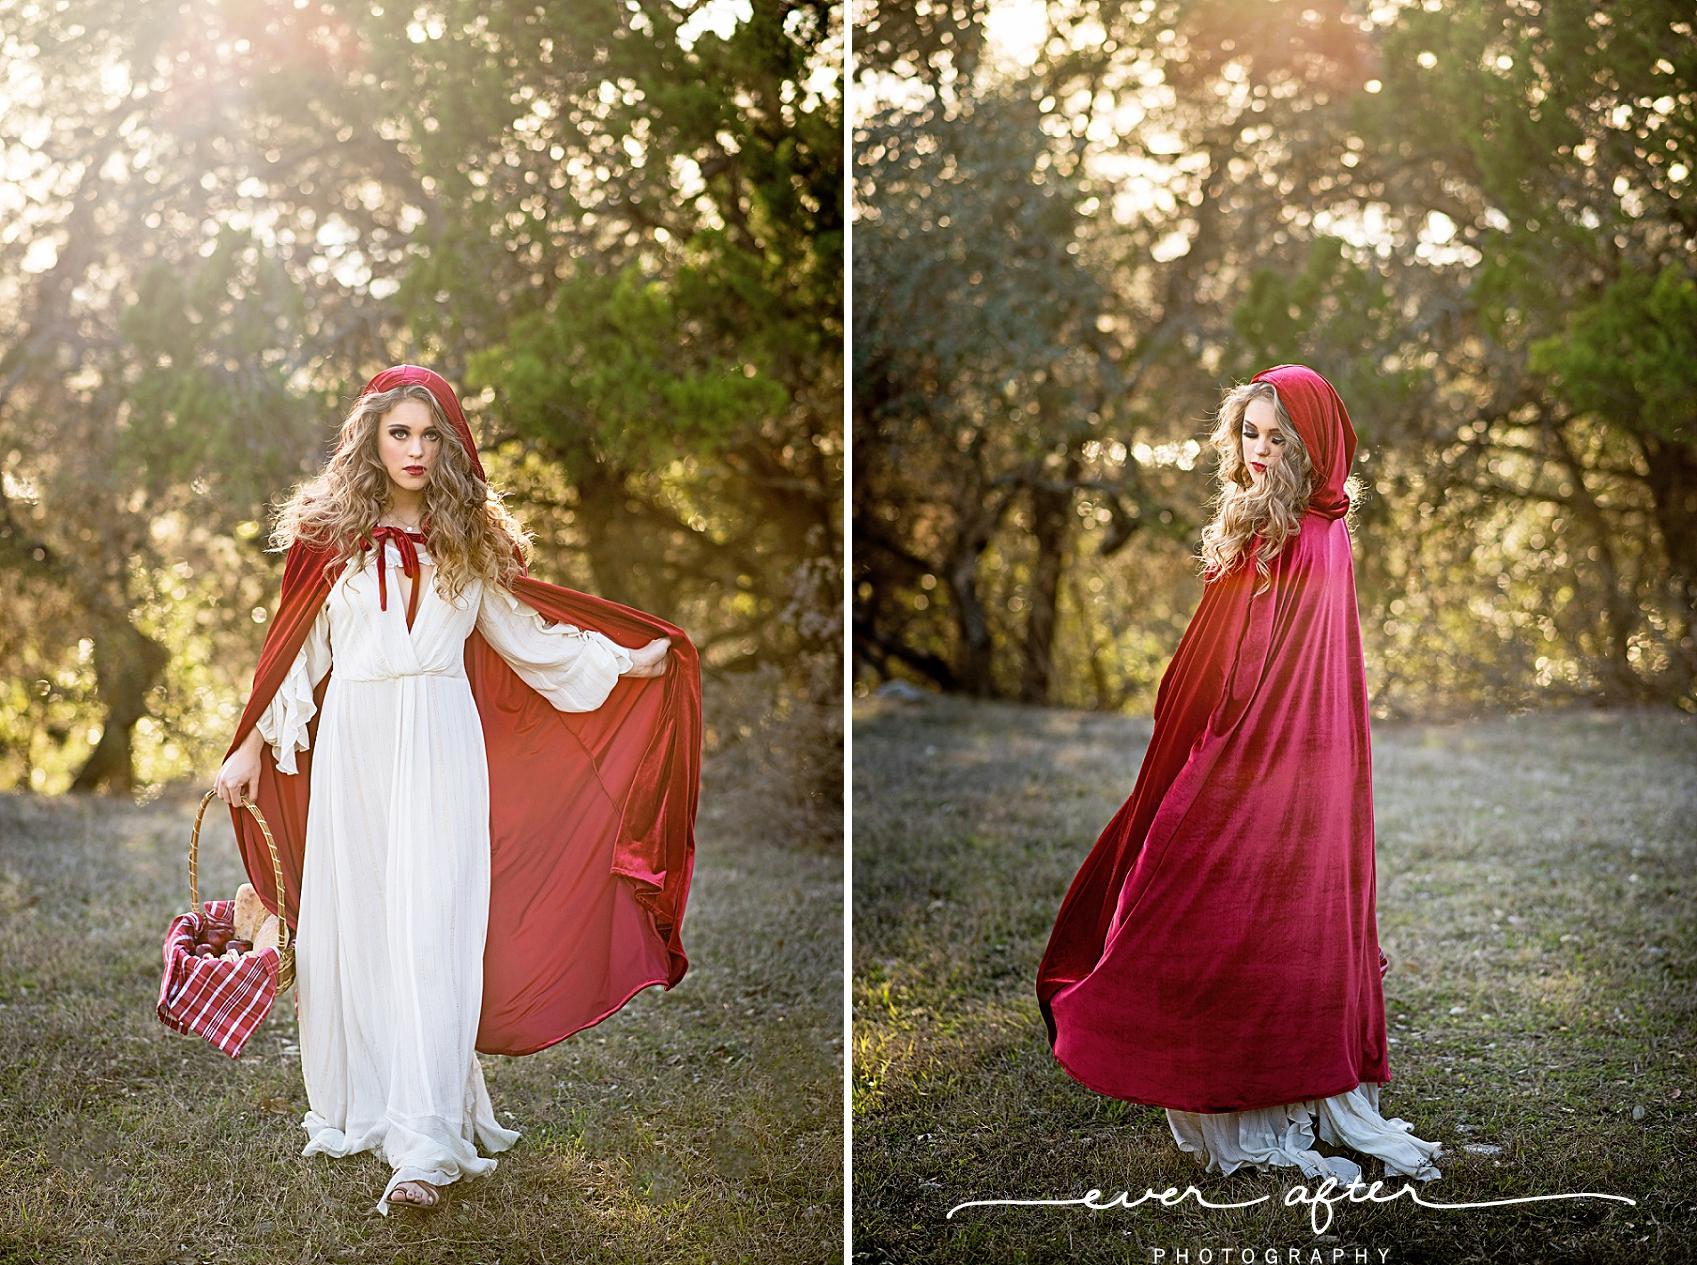 Vampire-Red-Riding-Hood.jpg